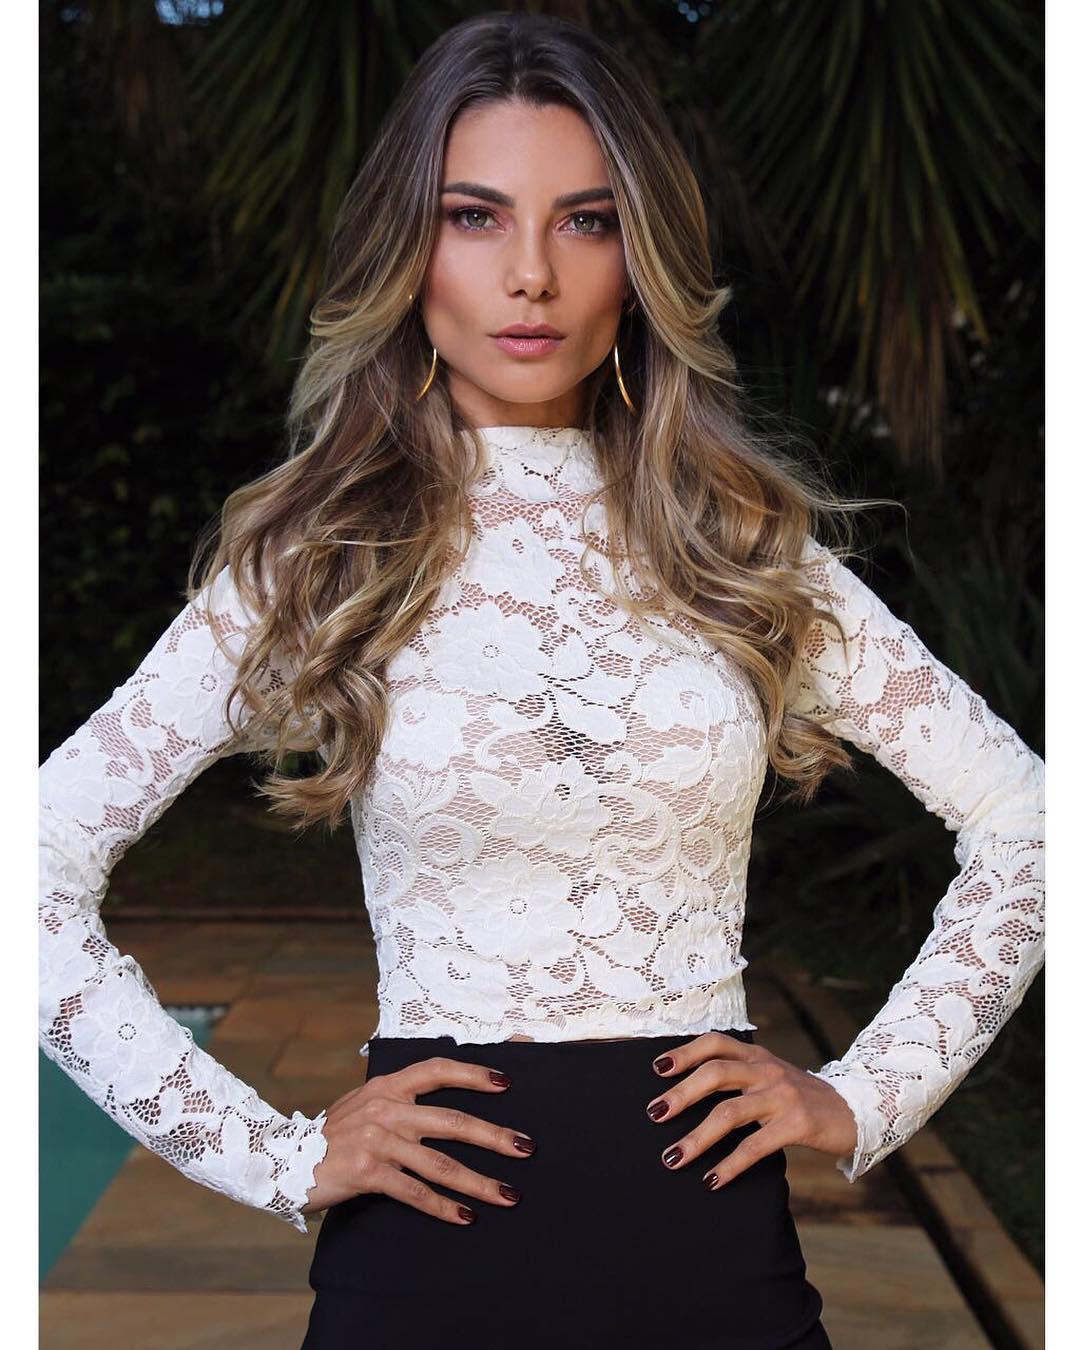 Imagenes-de-moda-para-mujeres128